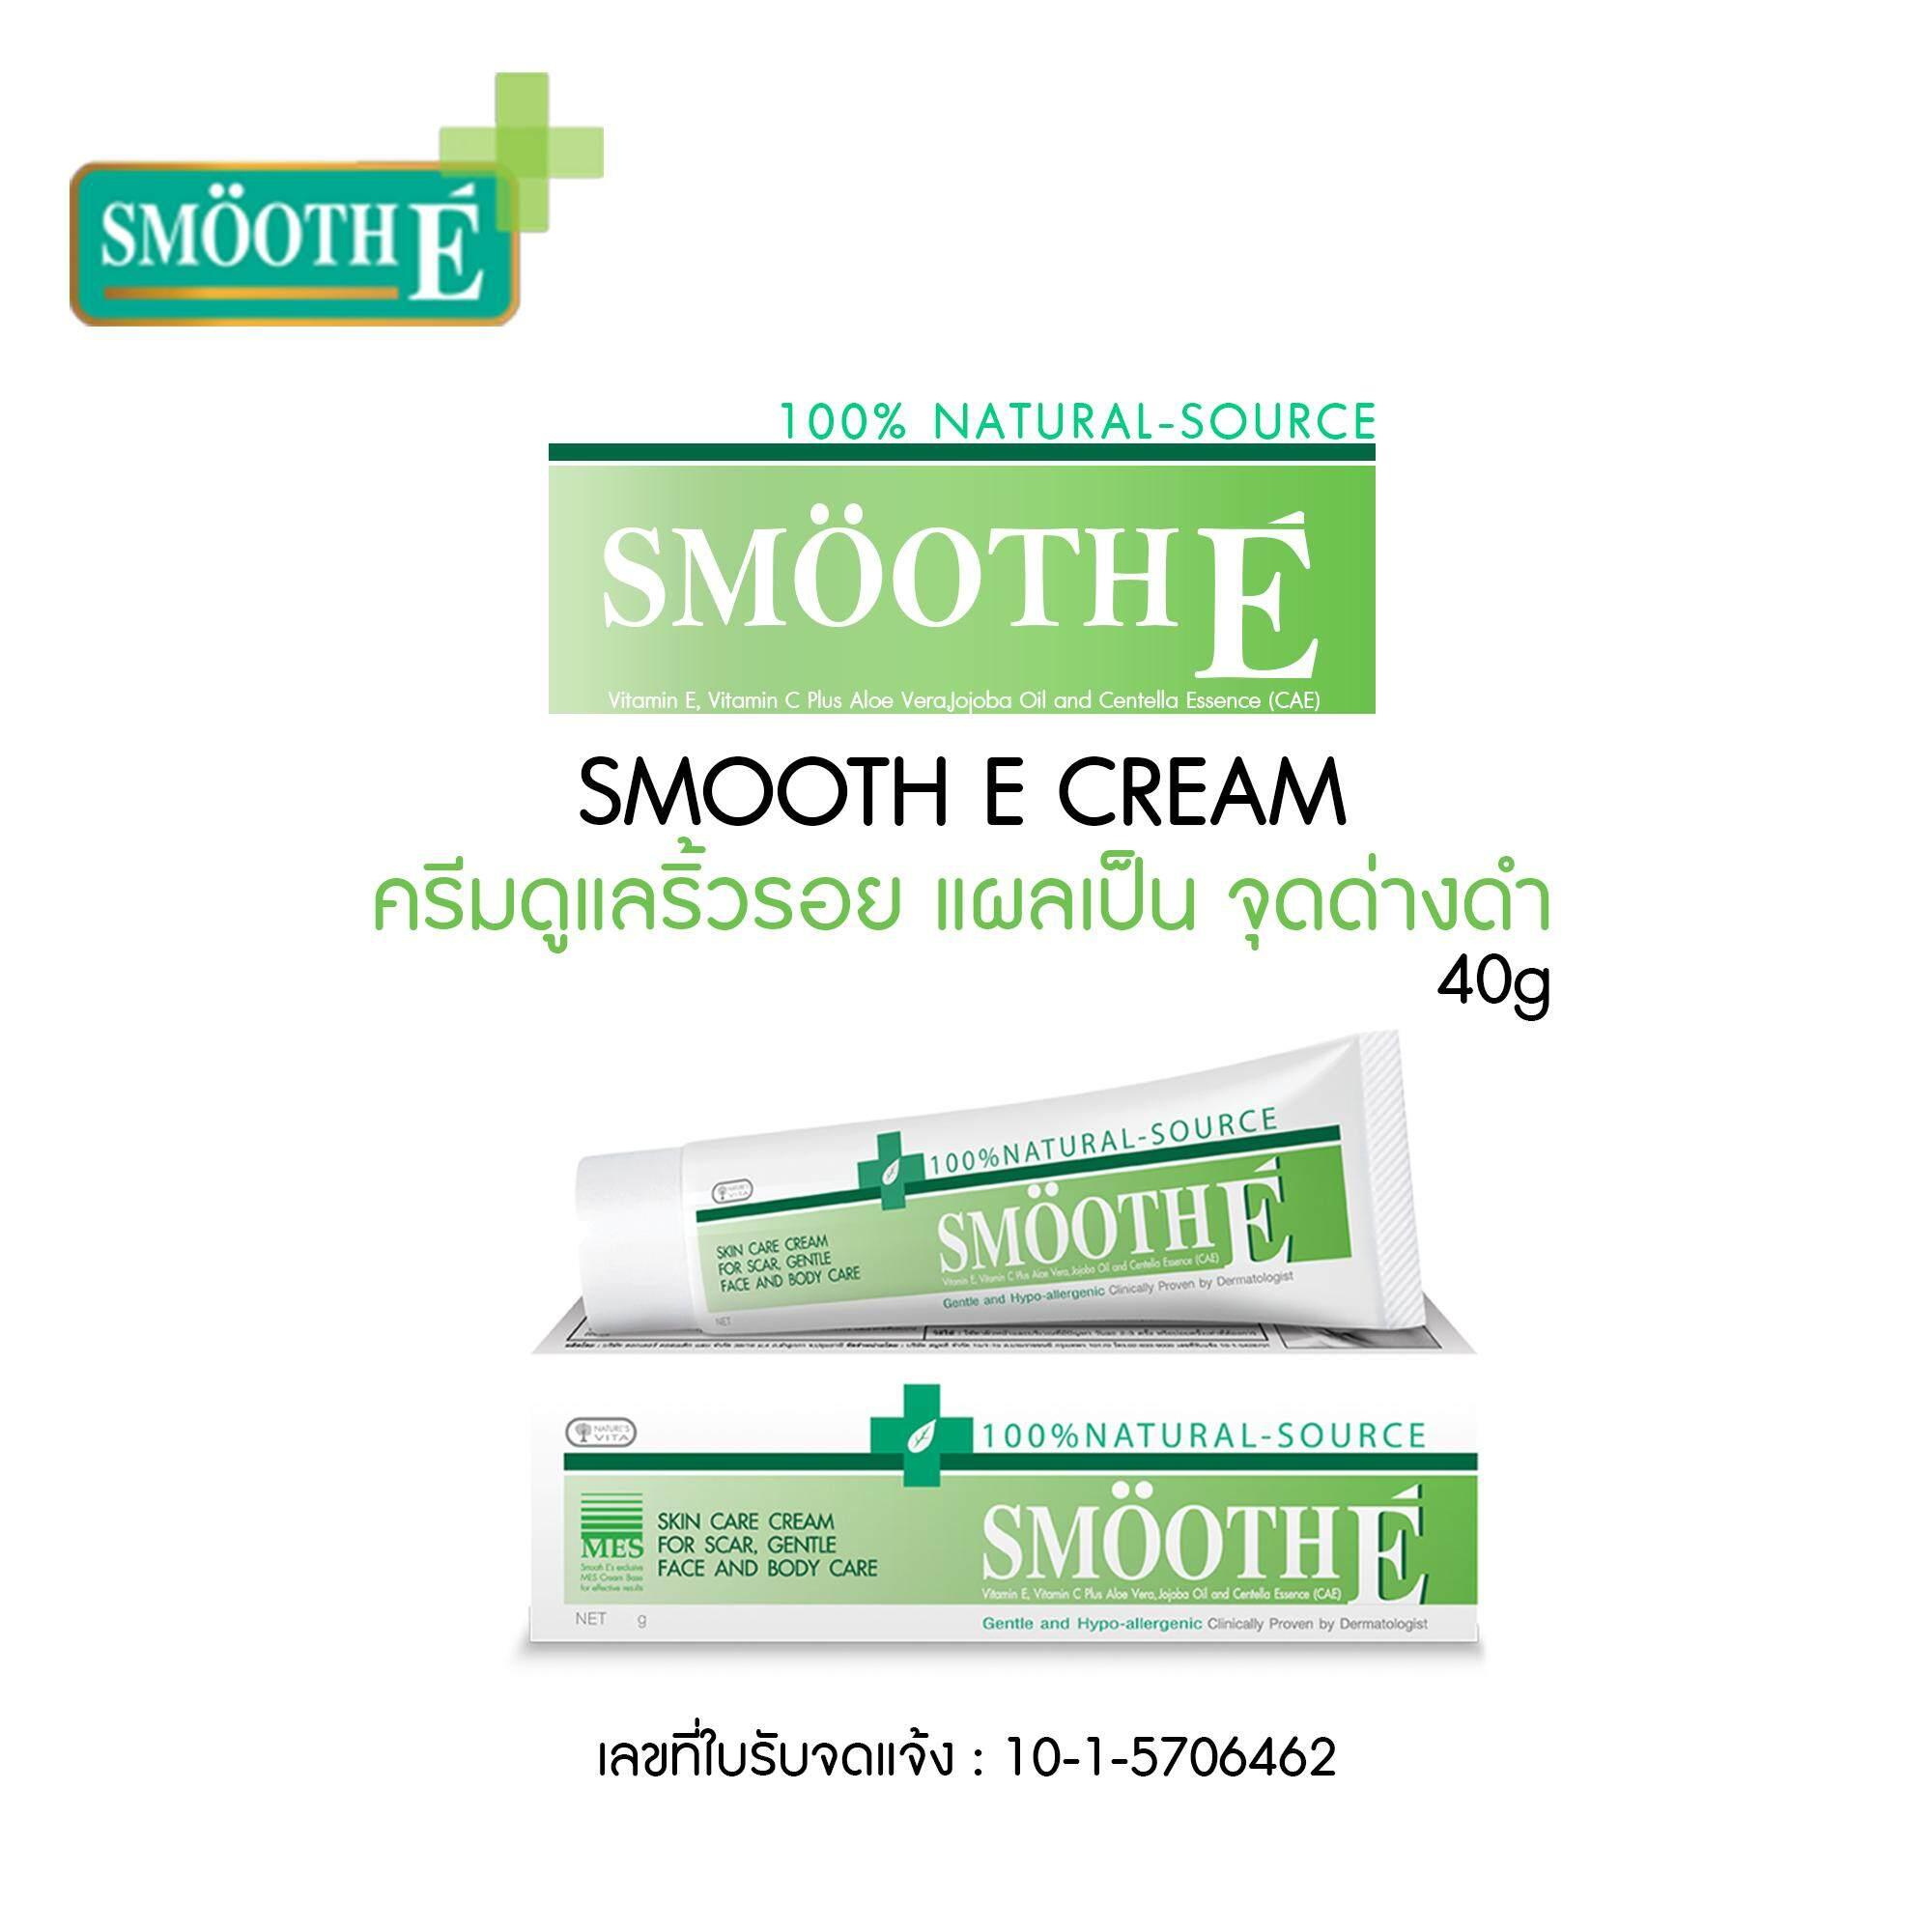 Smooth E Cream 40 G. ลดเลือนริ้วรอย มีส่วนผสมของวิตามินอีธรรมชาติ ฟื้นฟูและยืดอายุผิว กระตุ้นการสร้างเซลล์ผิวใหม่ ใช้ได้ผลดีกับการลดรอยแผลเป็น.